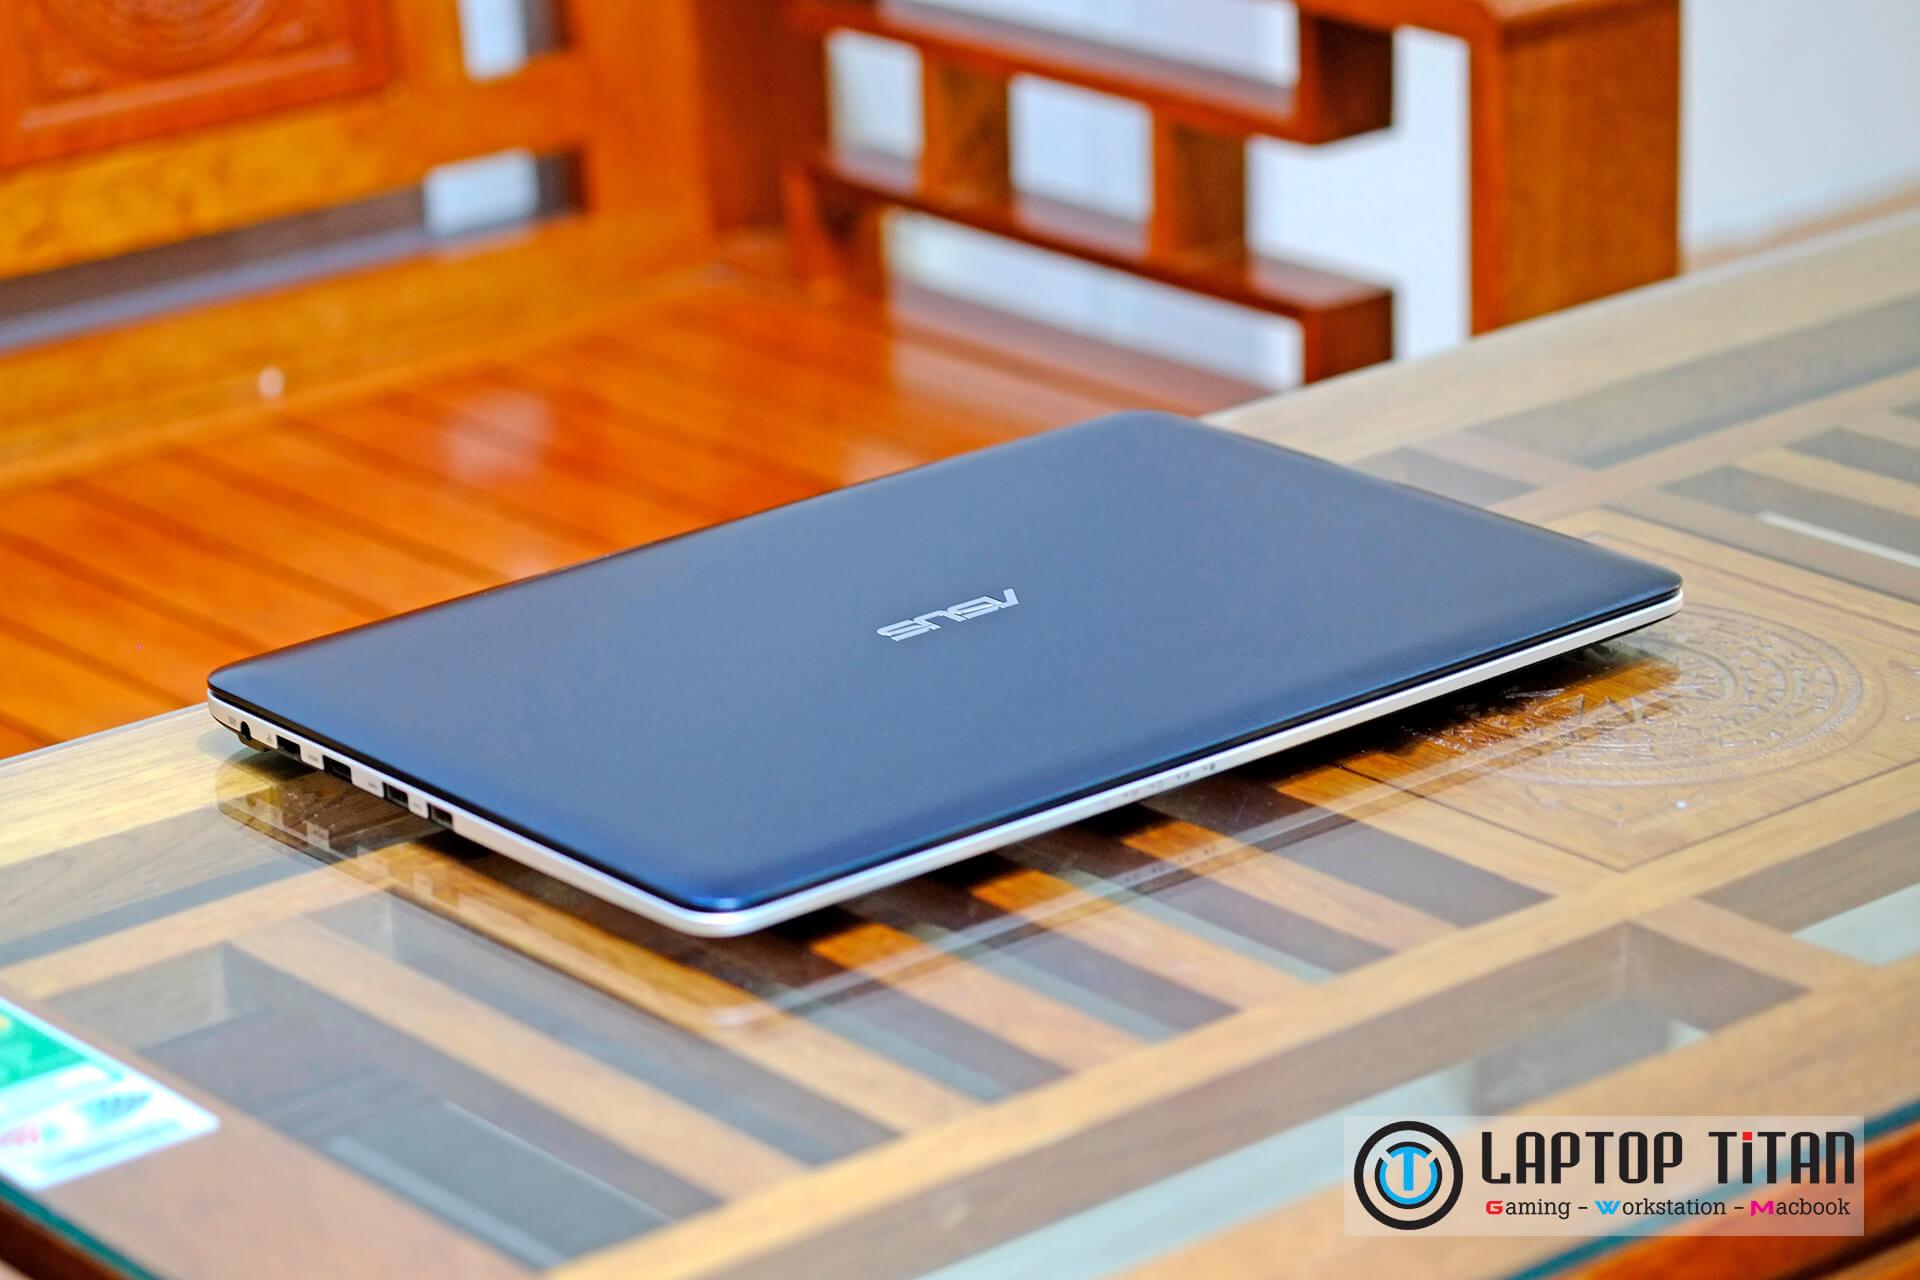 Asus K501lx laptop titan 006